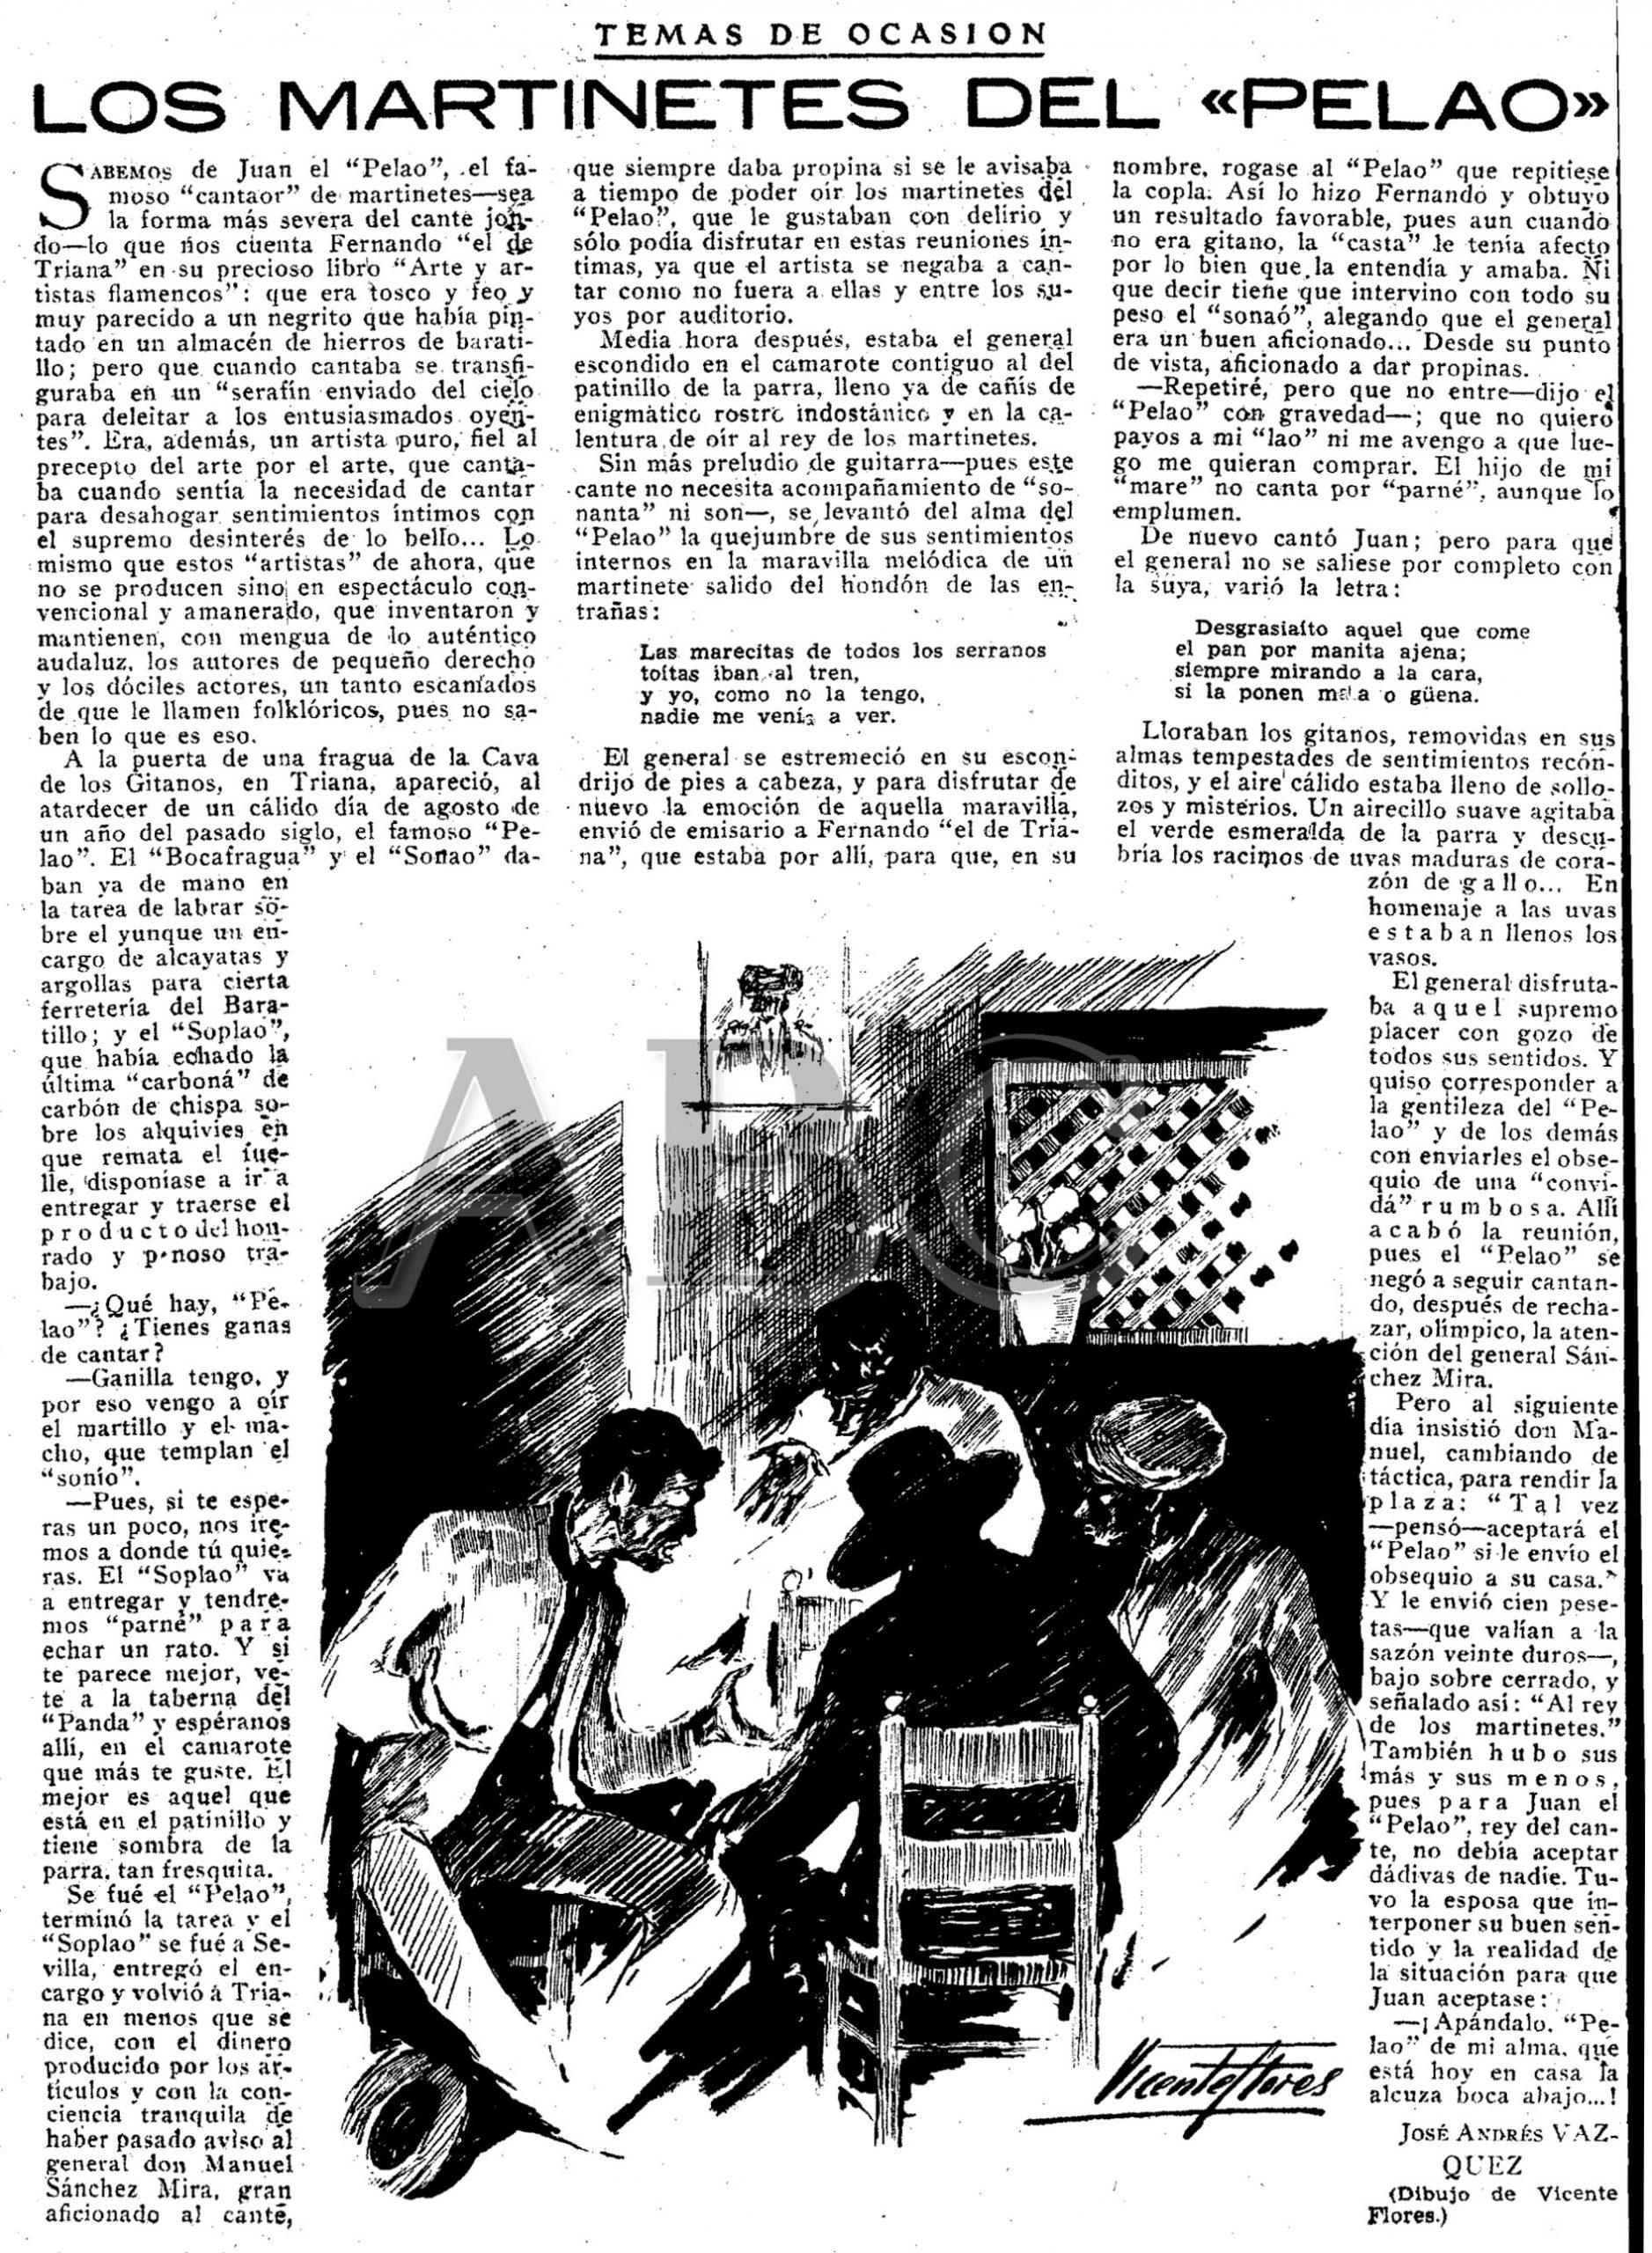 Artículo en ABC de Sevilla: «Los martinetes del Pelao», por José Andrés Vázquez. 9 oct 1946. Dibujo Vicente Flores.